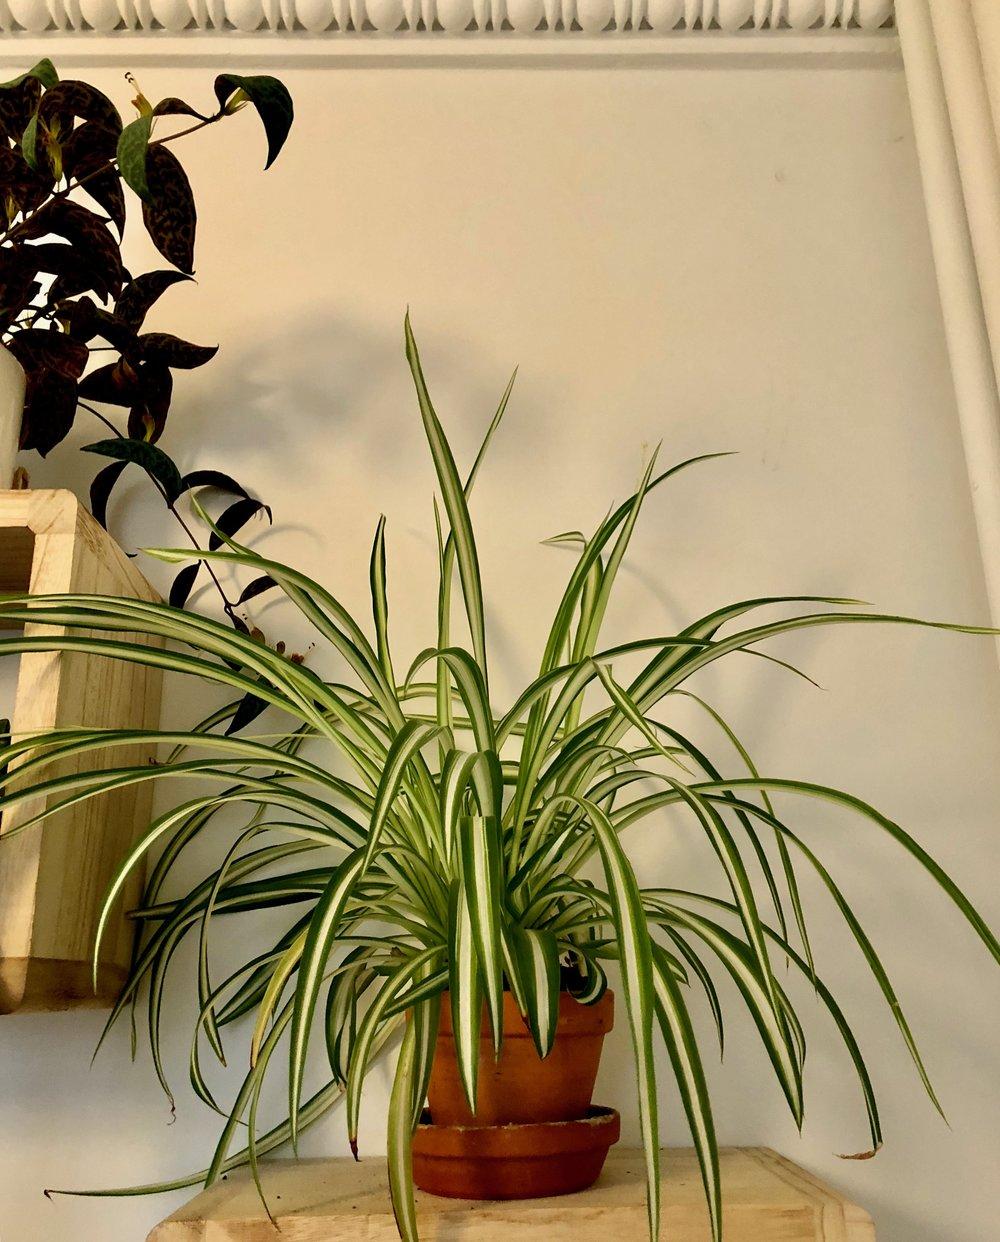 Chlorophytom comosum 'Vittatum'. Chlorophytum betyder grøn farve, men man ser typisk de brogede - enten med hvide striber eller gule. Det er også de sjoveste, synes jeg.